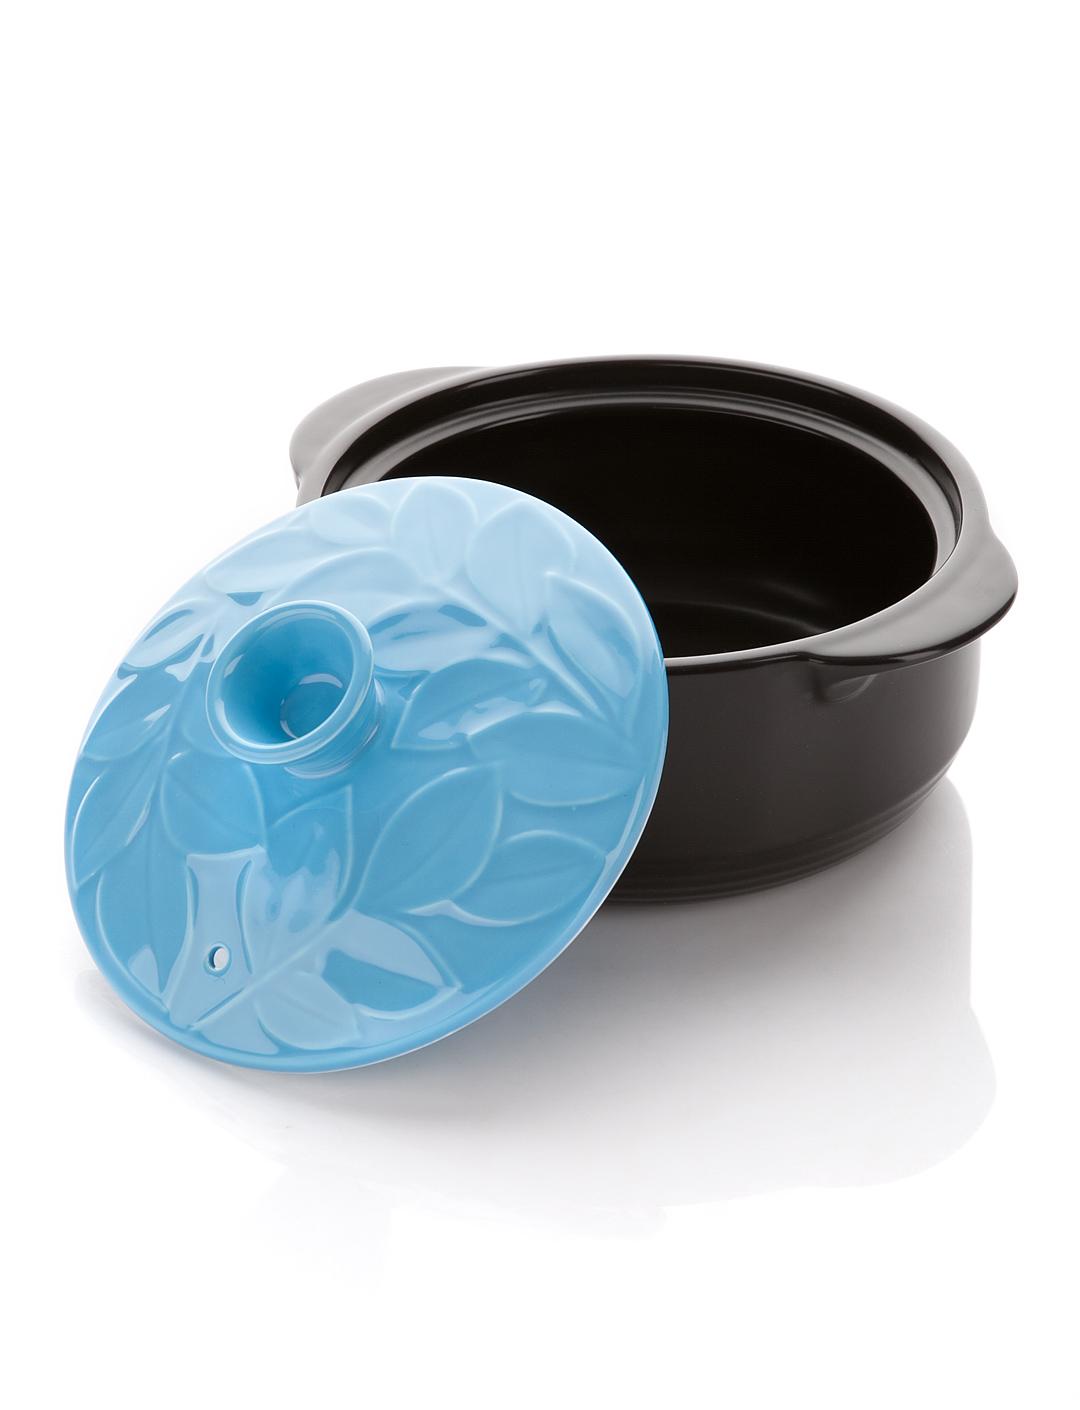 Кастрюля керамическая Hans & Gretchen, цвет: голубой, 1,1 л. 12NF-B1612NF-B16Кастрюля Hans & Gretchen изготовлена из экологически чистой жаропрочной керамики. Керамическая крышка кастрюли оснащена отверстием для выпуска пара. Кастрюля равномерно нагревает блюдо, долго сохраняя тепло и не выделяя абсолютно никаких примесей в пищу. Кастрюля не искажает, а даже усиливает вкус пищи. Крышка изделия оформлена рельефным изображением листьев. Превосходно служит для замораживания продуктов в холодильнике (до -20°С). Кастрюля устойчива к химическим и механическим воздействиям. Благодаря толстым стенкам изделие нагревается равномерно. Кастрюля Hans & Gretchen прекрасно подойдет для запекания и тушения овощей, мяса и других блюд, а оригинальный дизайн и яркое оформление украсят ваш стол.Можно мыть в посудомоечной машине. Кастрюля предназначена для использования на газовой и электрической плитах, в духовке и микроволновой печи. Не подходит для индукционных плит. Высота стенки: 7,5 см. Ширина кастрюли (с учетом ручек): 21 см. Толщина дна: 5 мм. Толщина стенки: 5 мм.